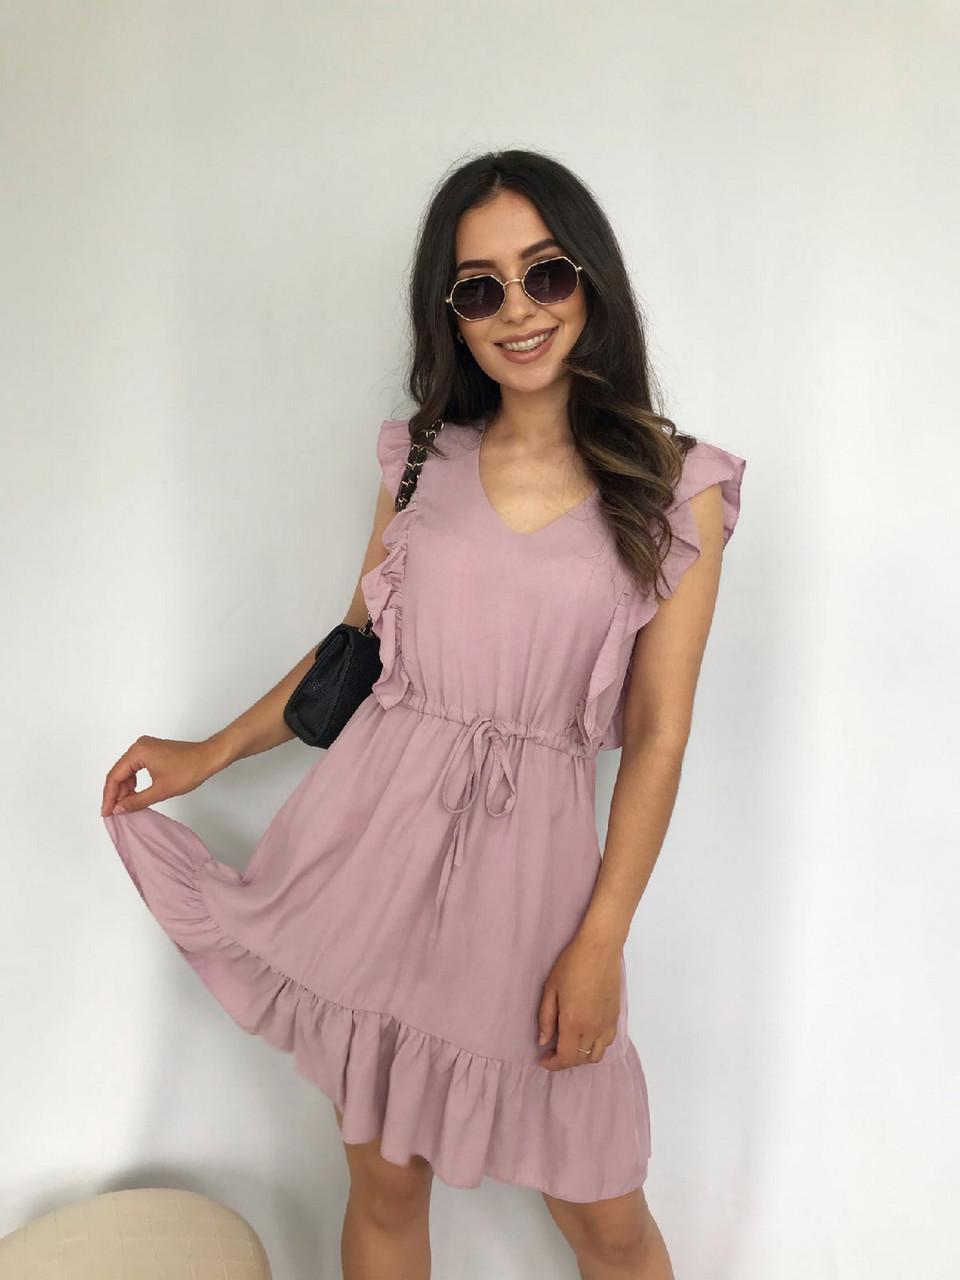 Короткое штапельное платье с рюшами, 00930 (Пудра), Размер 46 (L)